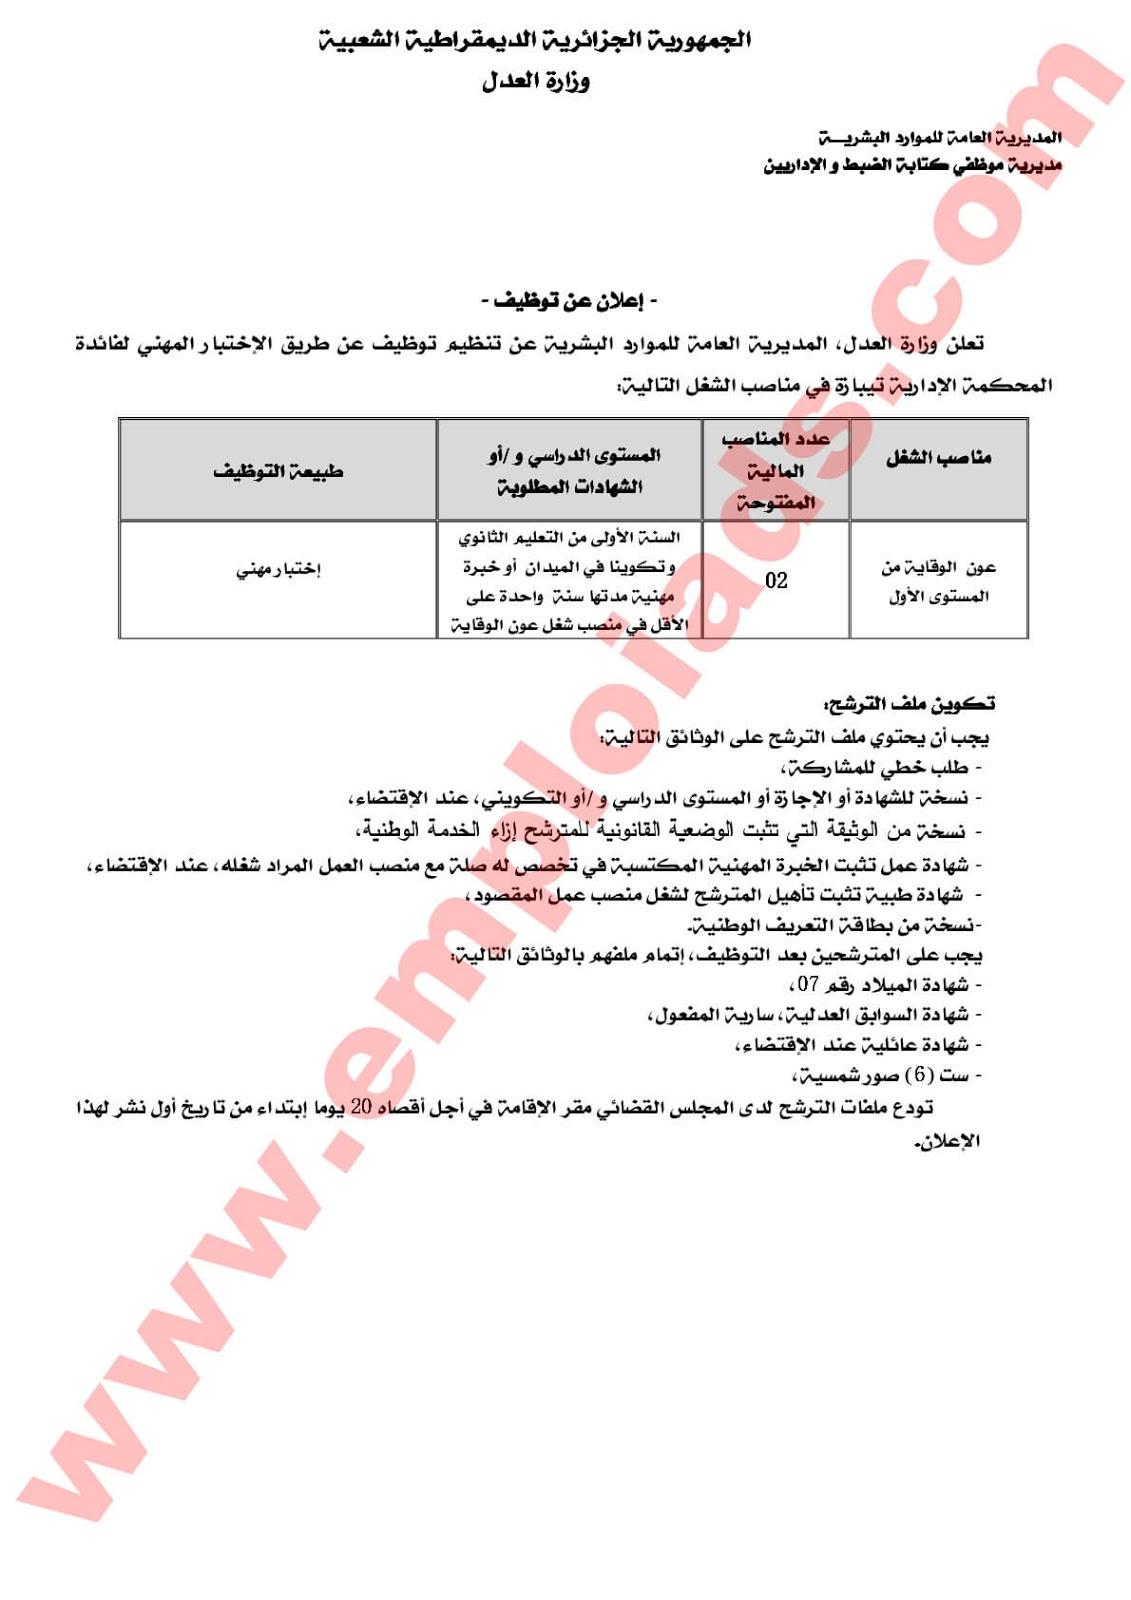 اعلان عن توظيف لفائدة المحكمة الادارية لولاية تيبازة جانفي 2017